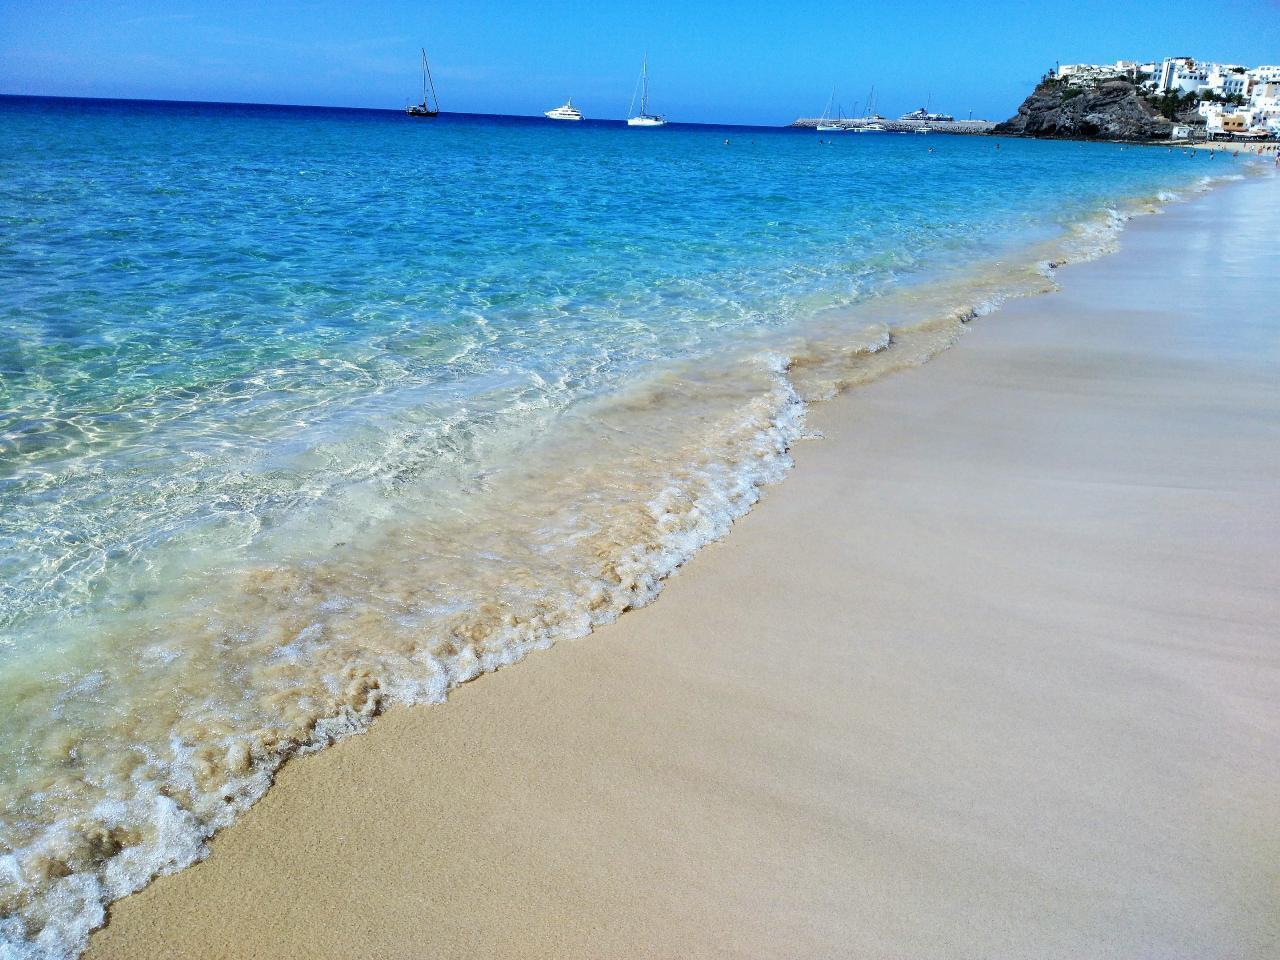 Ferienwohnung Penthouse / Apt. in der besten Gegend von Costa Calma, mit Blick auf eine große Terrasse a (487472), Costa Calma, Fuerteventura, Kanarische Inseln, Spanien, Bild 24